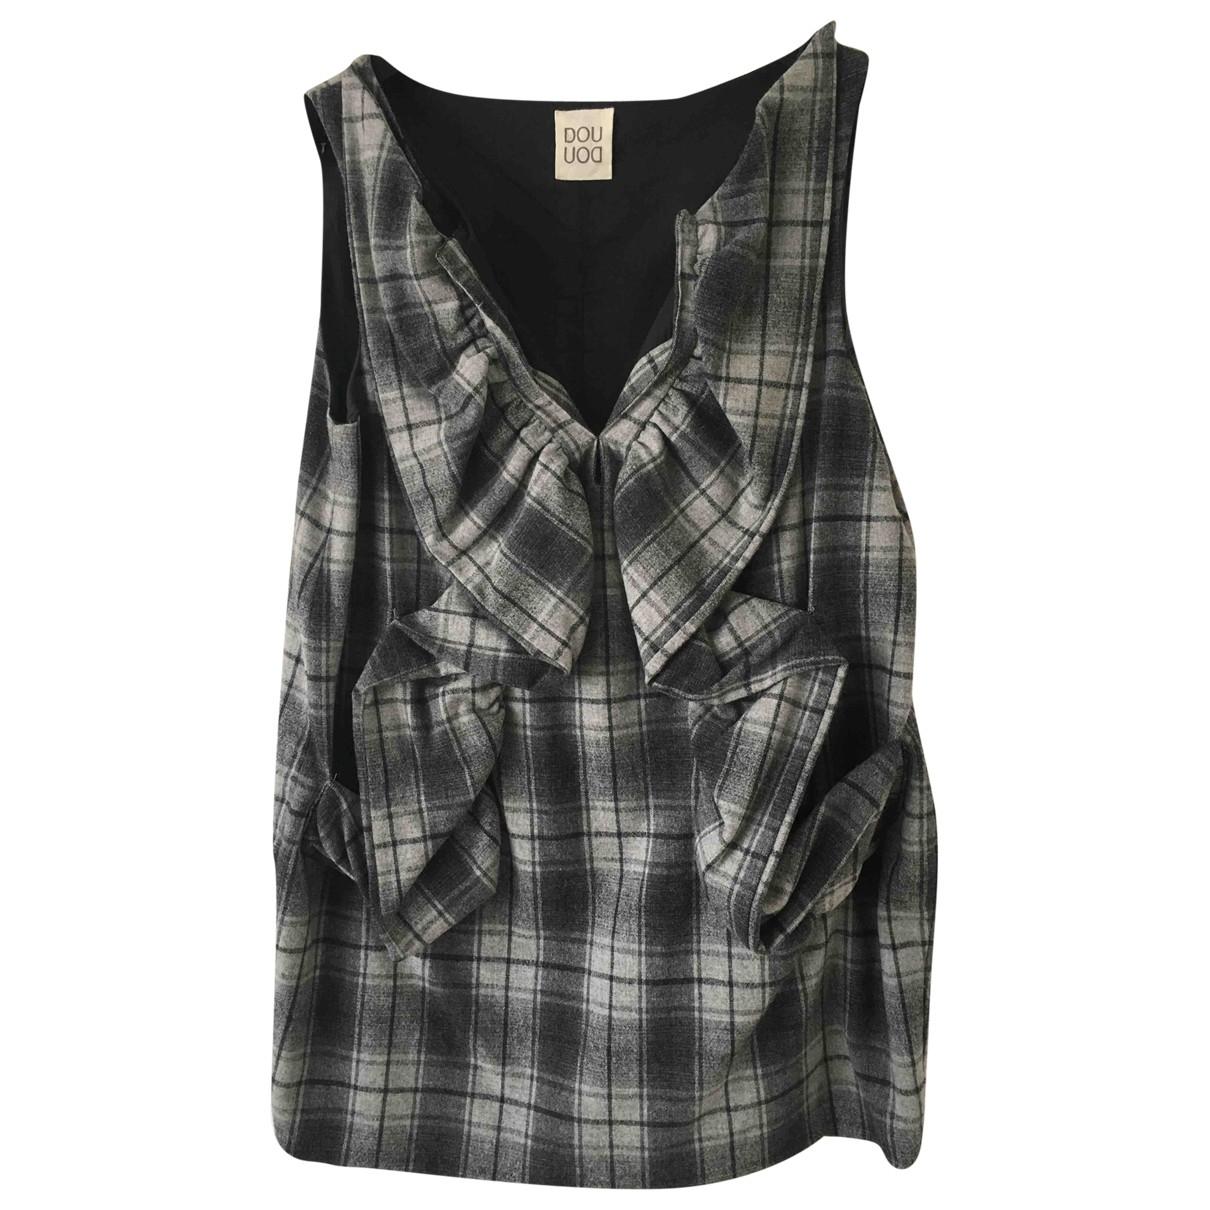 Douuod \N Kleid in  Grau Wolle